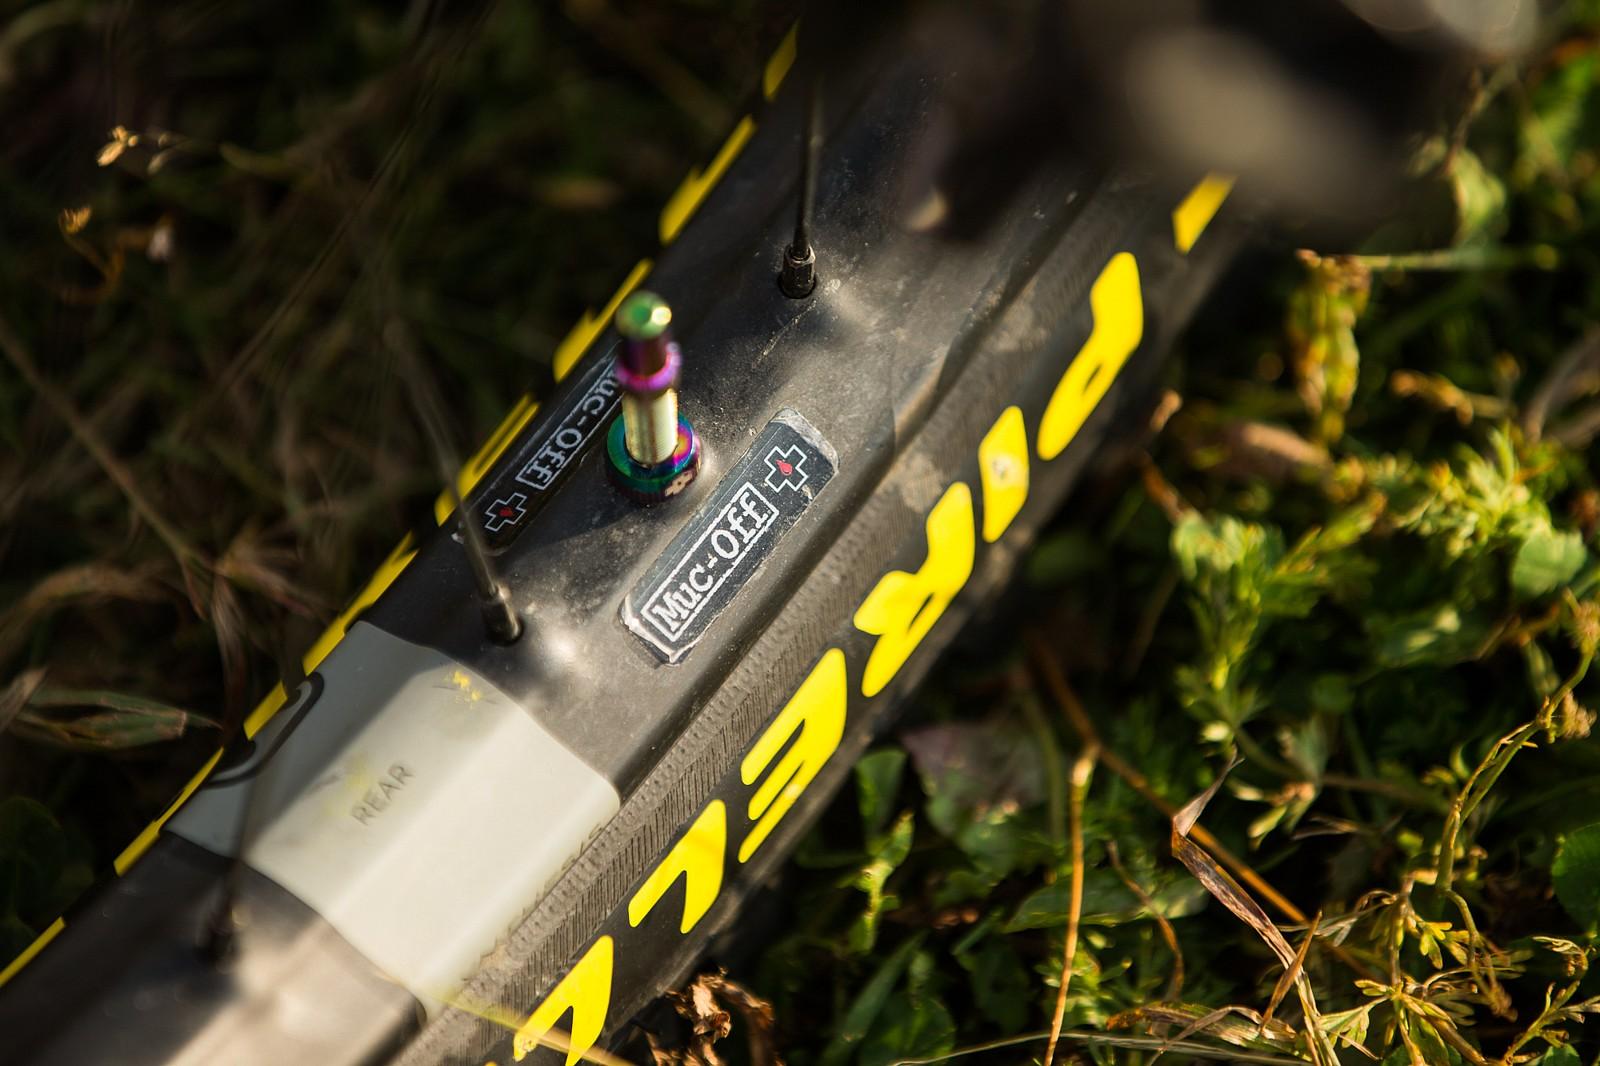 Pro Bike Check - Davide Palazzari's Scott Gambler - Pro Bike Check - Davide Palazzari's Scott Gambler - Mountain Biking Pictures - Vital MTB